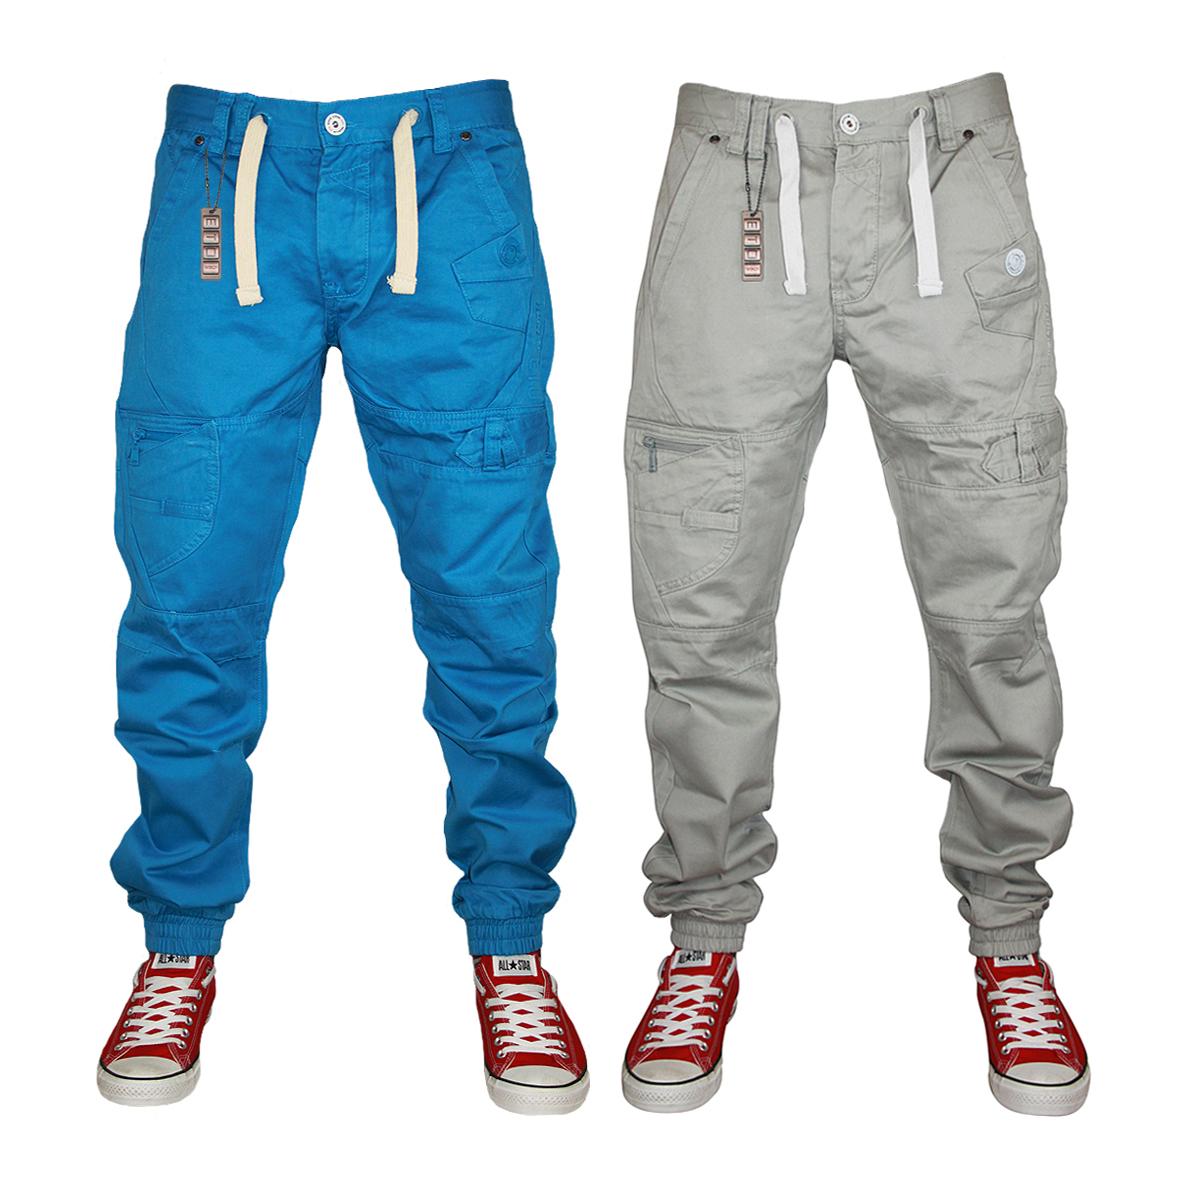 eto jeans image is loading mens-eto-jeans-em381-amp-em382-designer-tapered- MJFQQPE